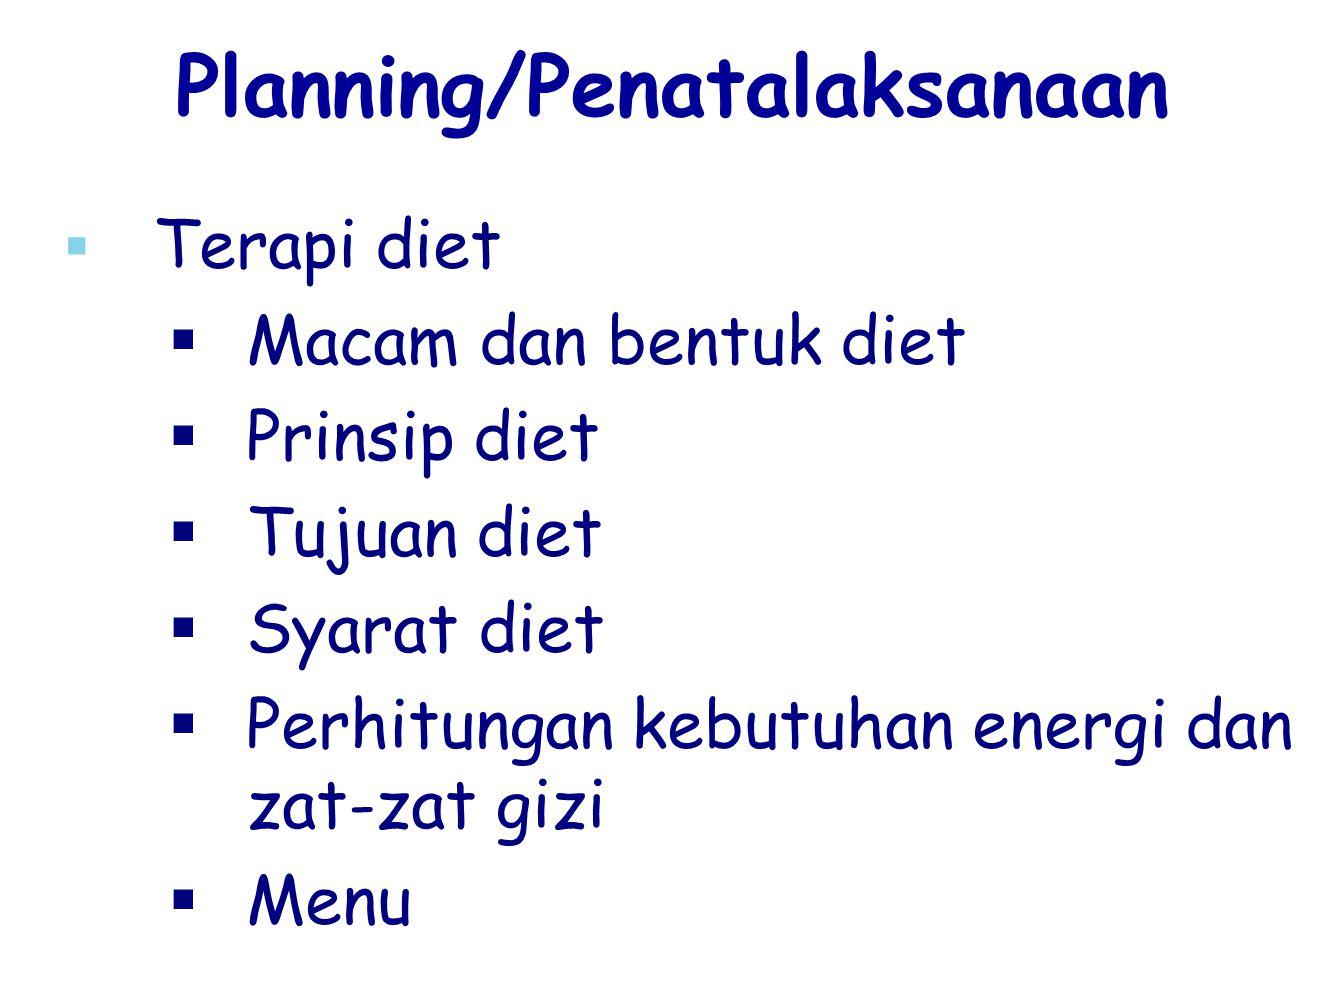 Planning/Penatalaksanaan